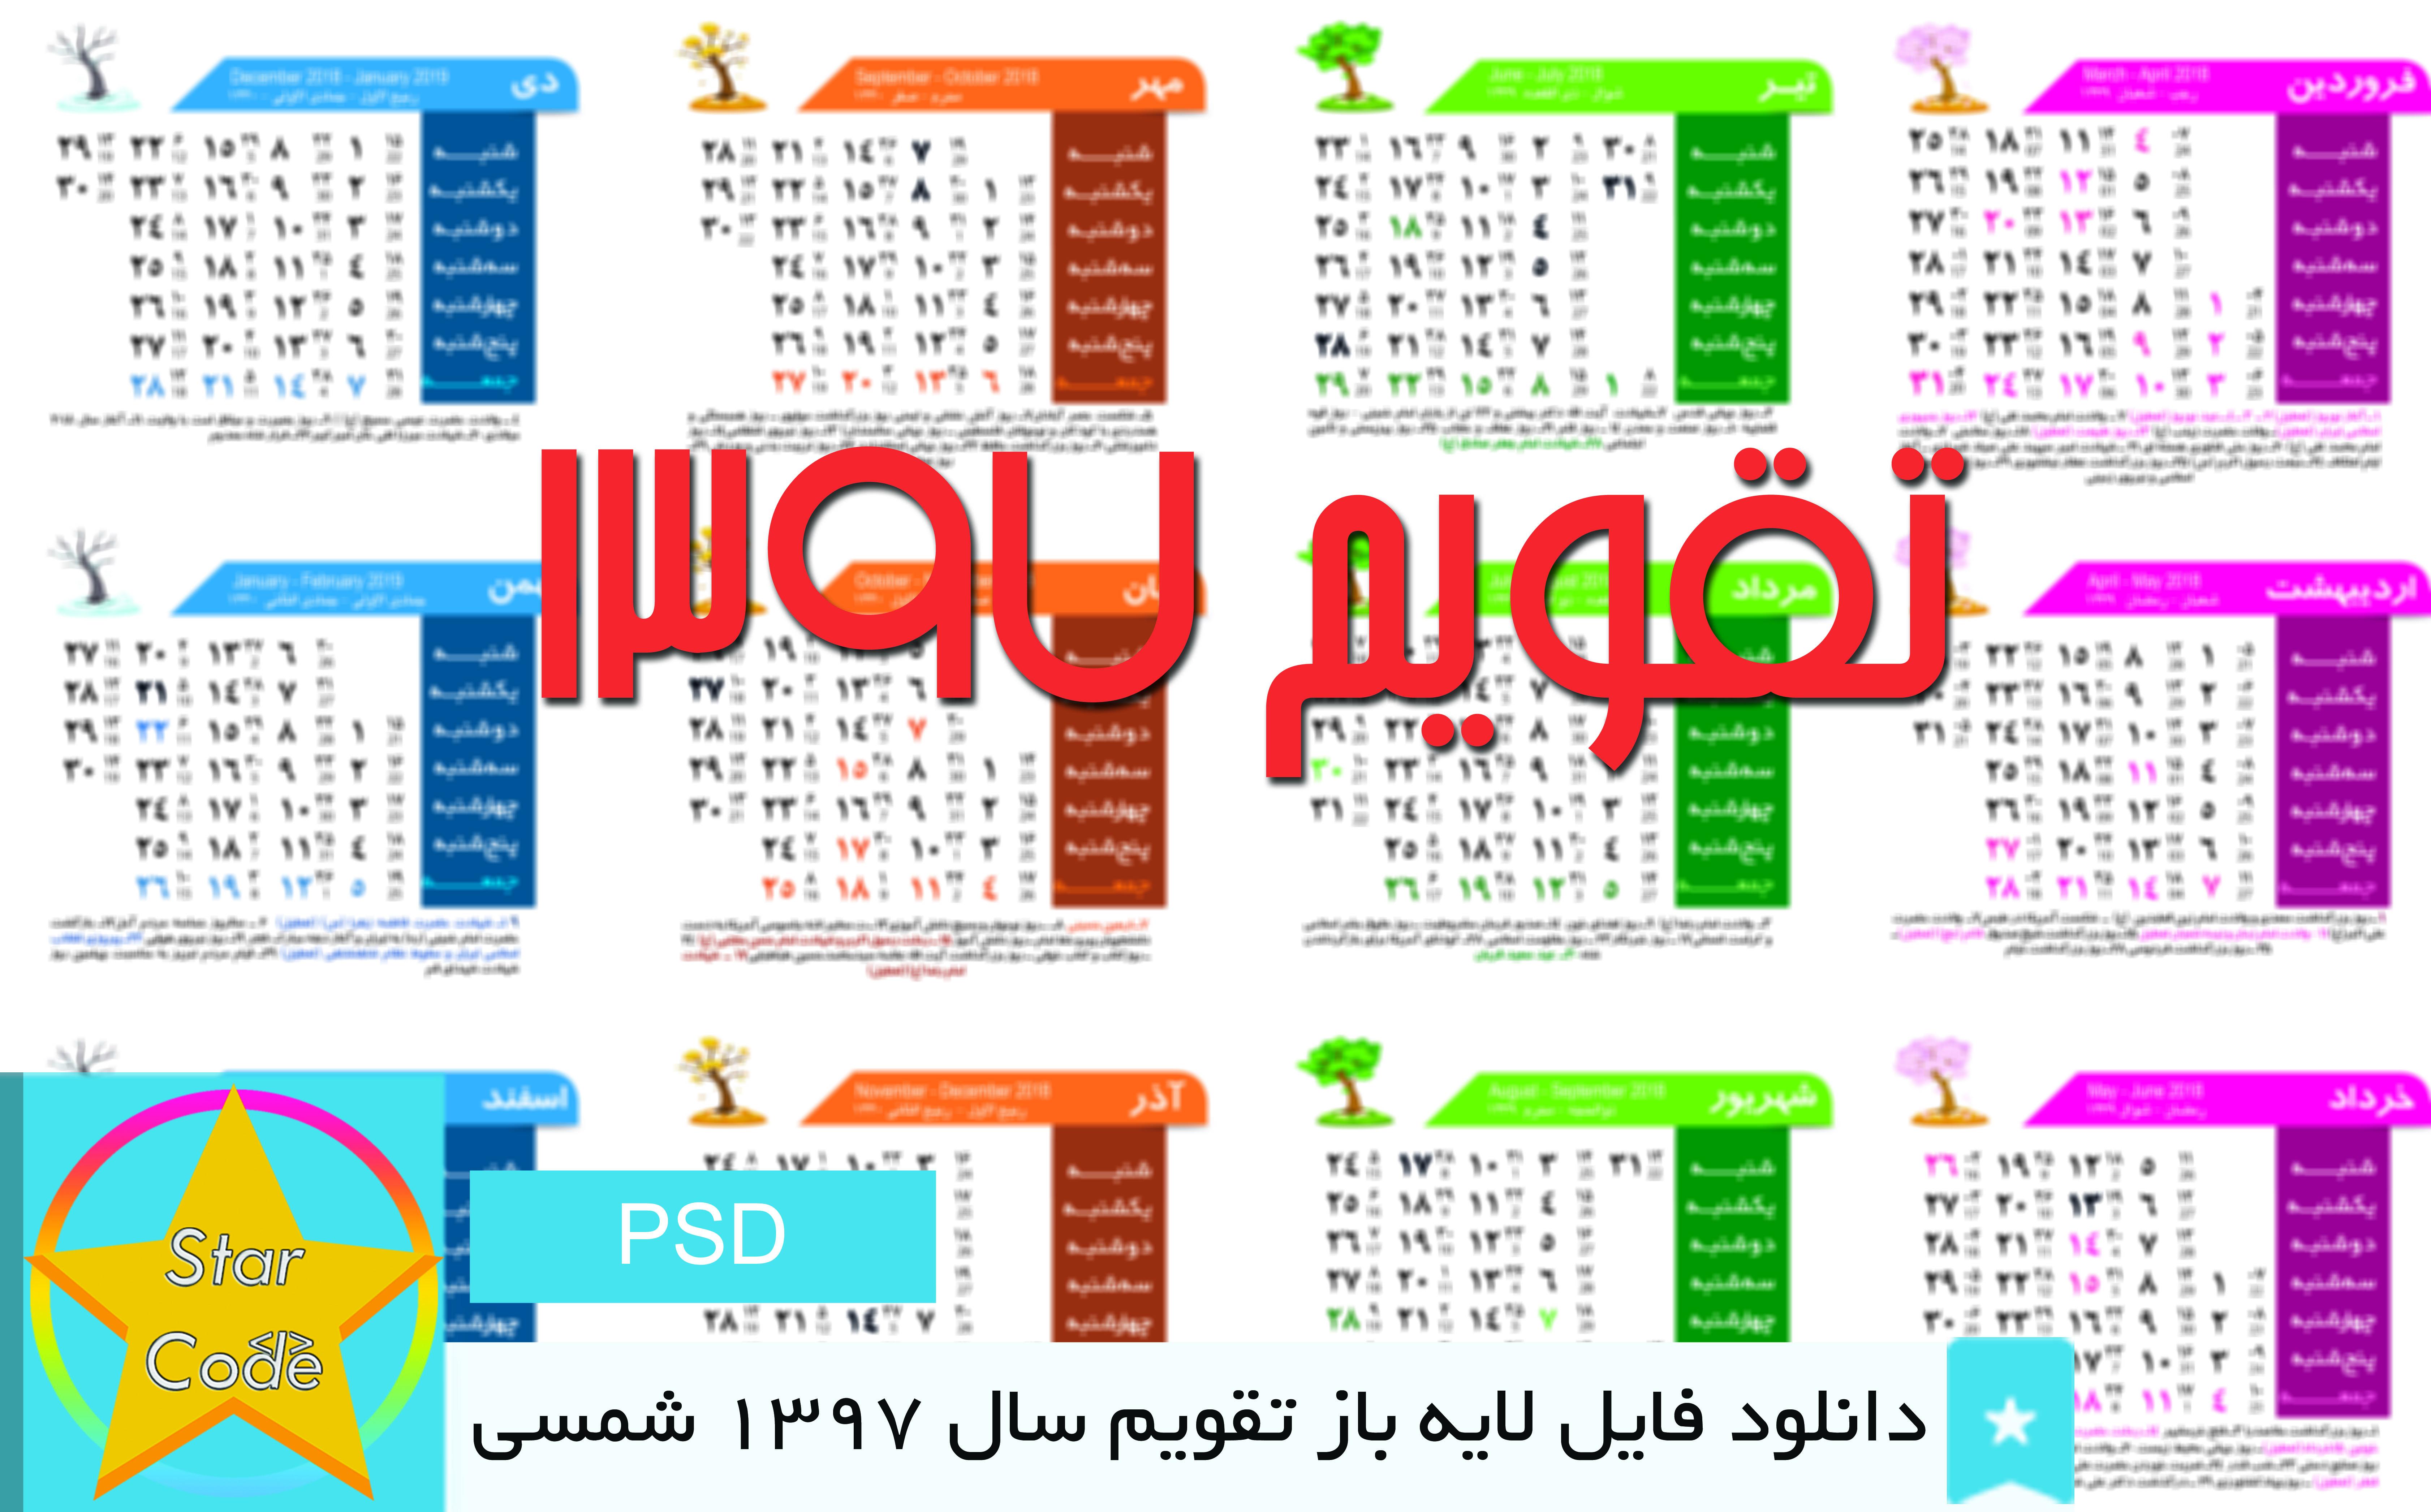 دانلود لایه باز (PSD) تقویم سال 1397 شمسی